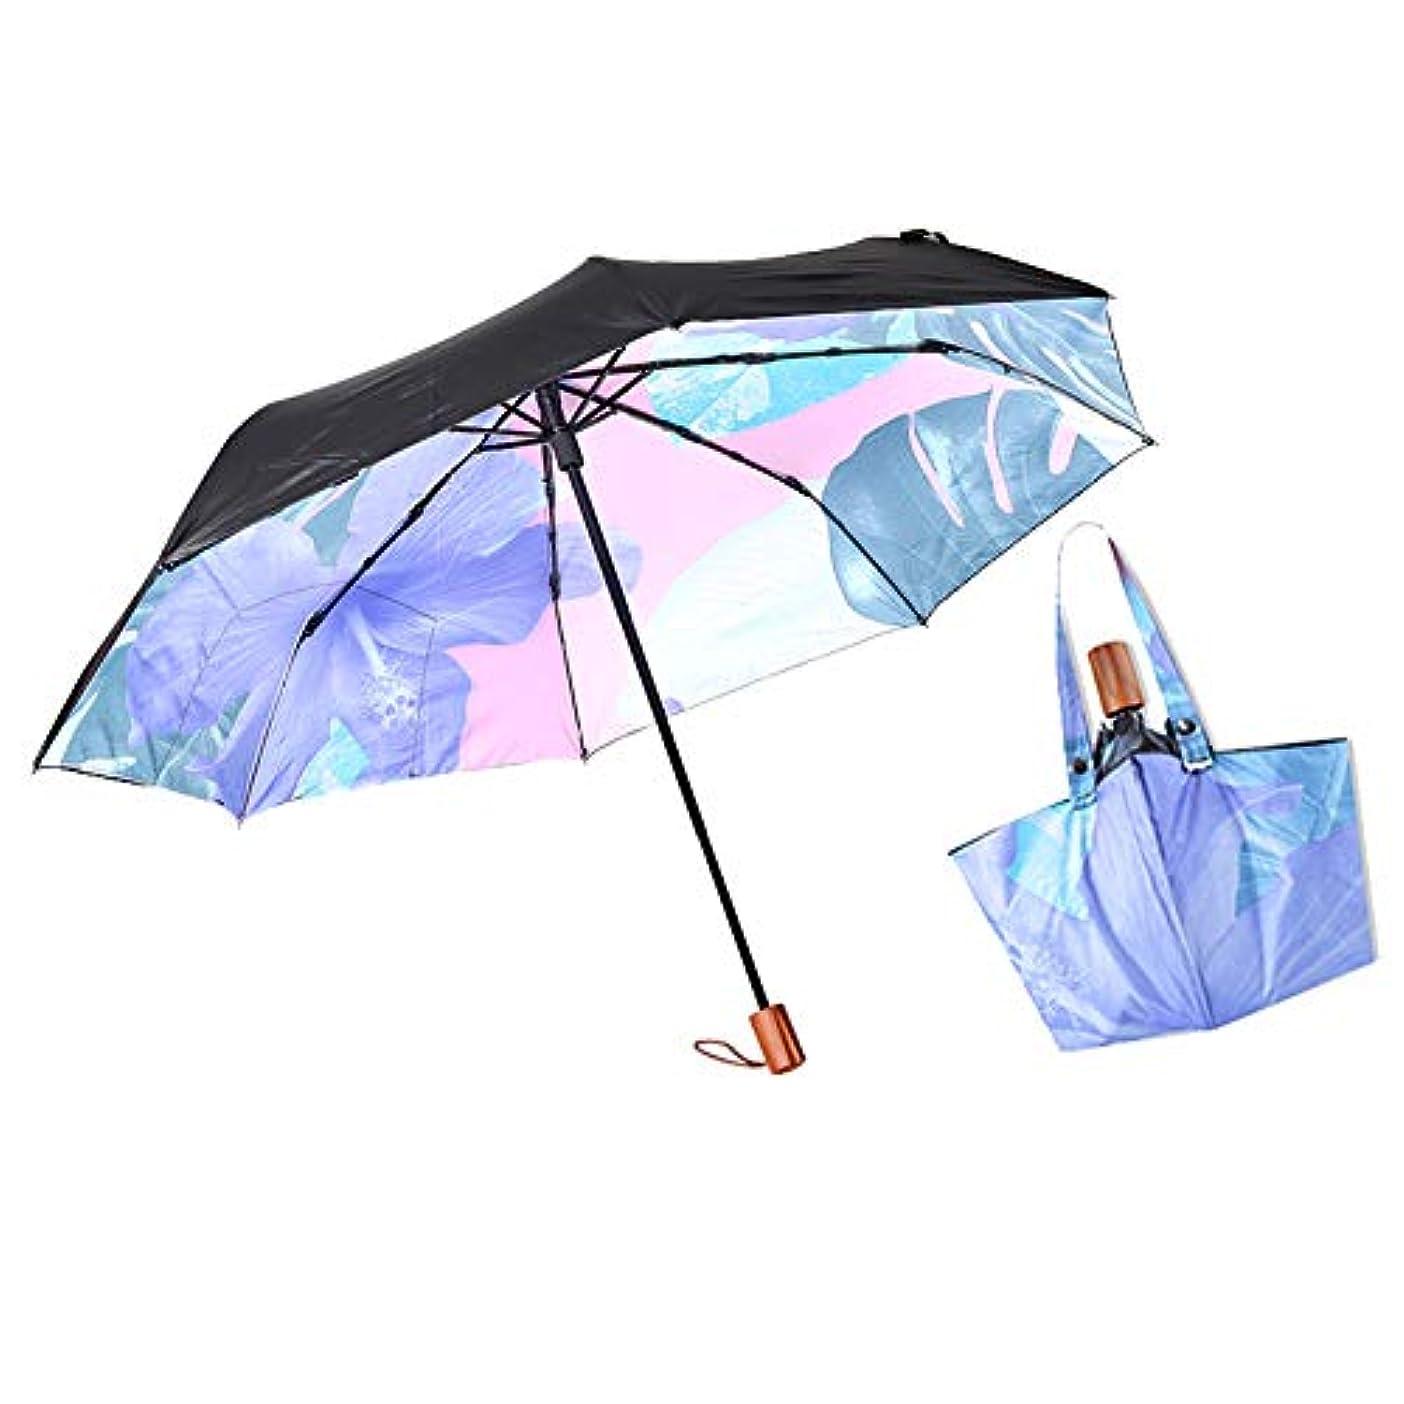 困った横にそっとYAOAWE 折りたたみ傘 女性の傘 収納ポーチ付き雨傘 高強度 日傘 梅雨対策 防災対策 8本骨軽量 便利である 袋の傘 晴雨兼用